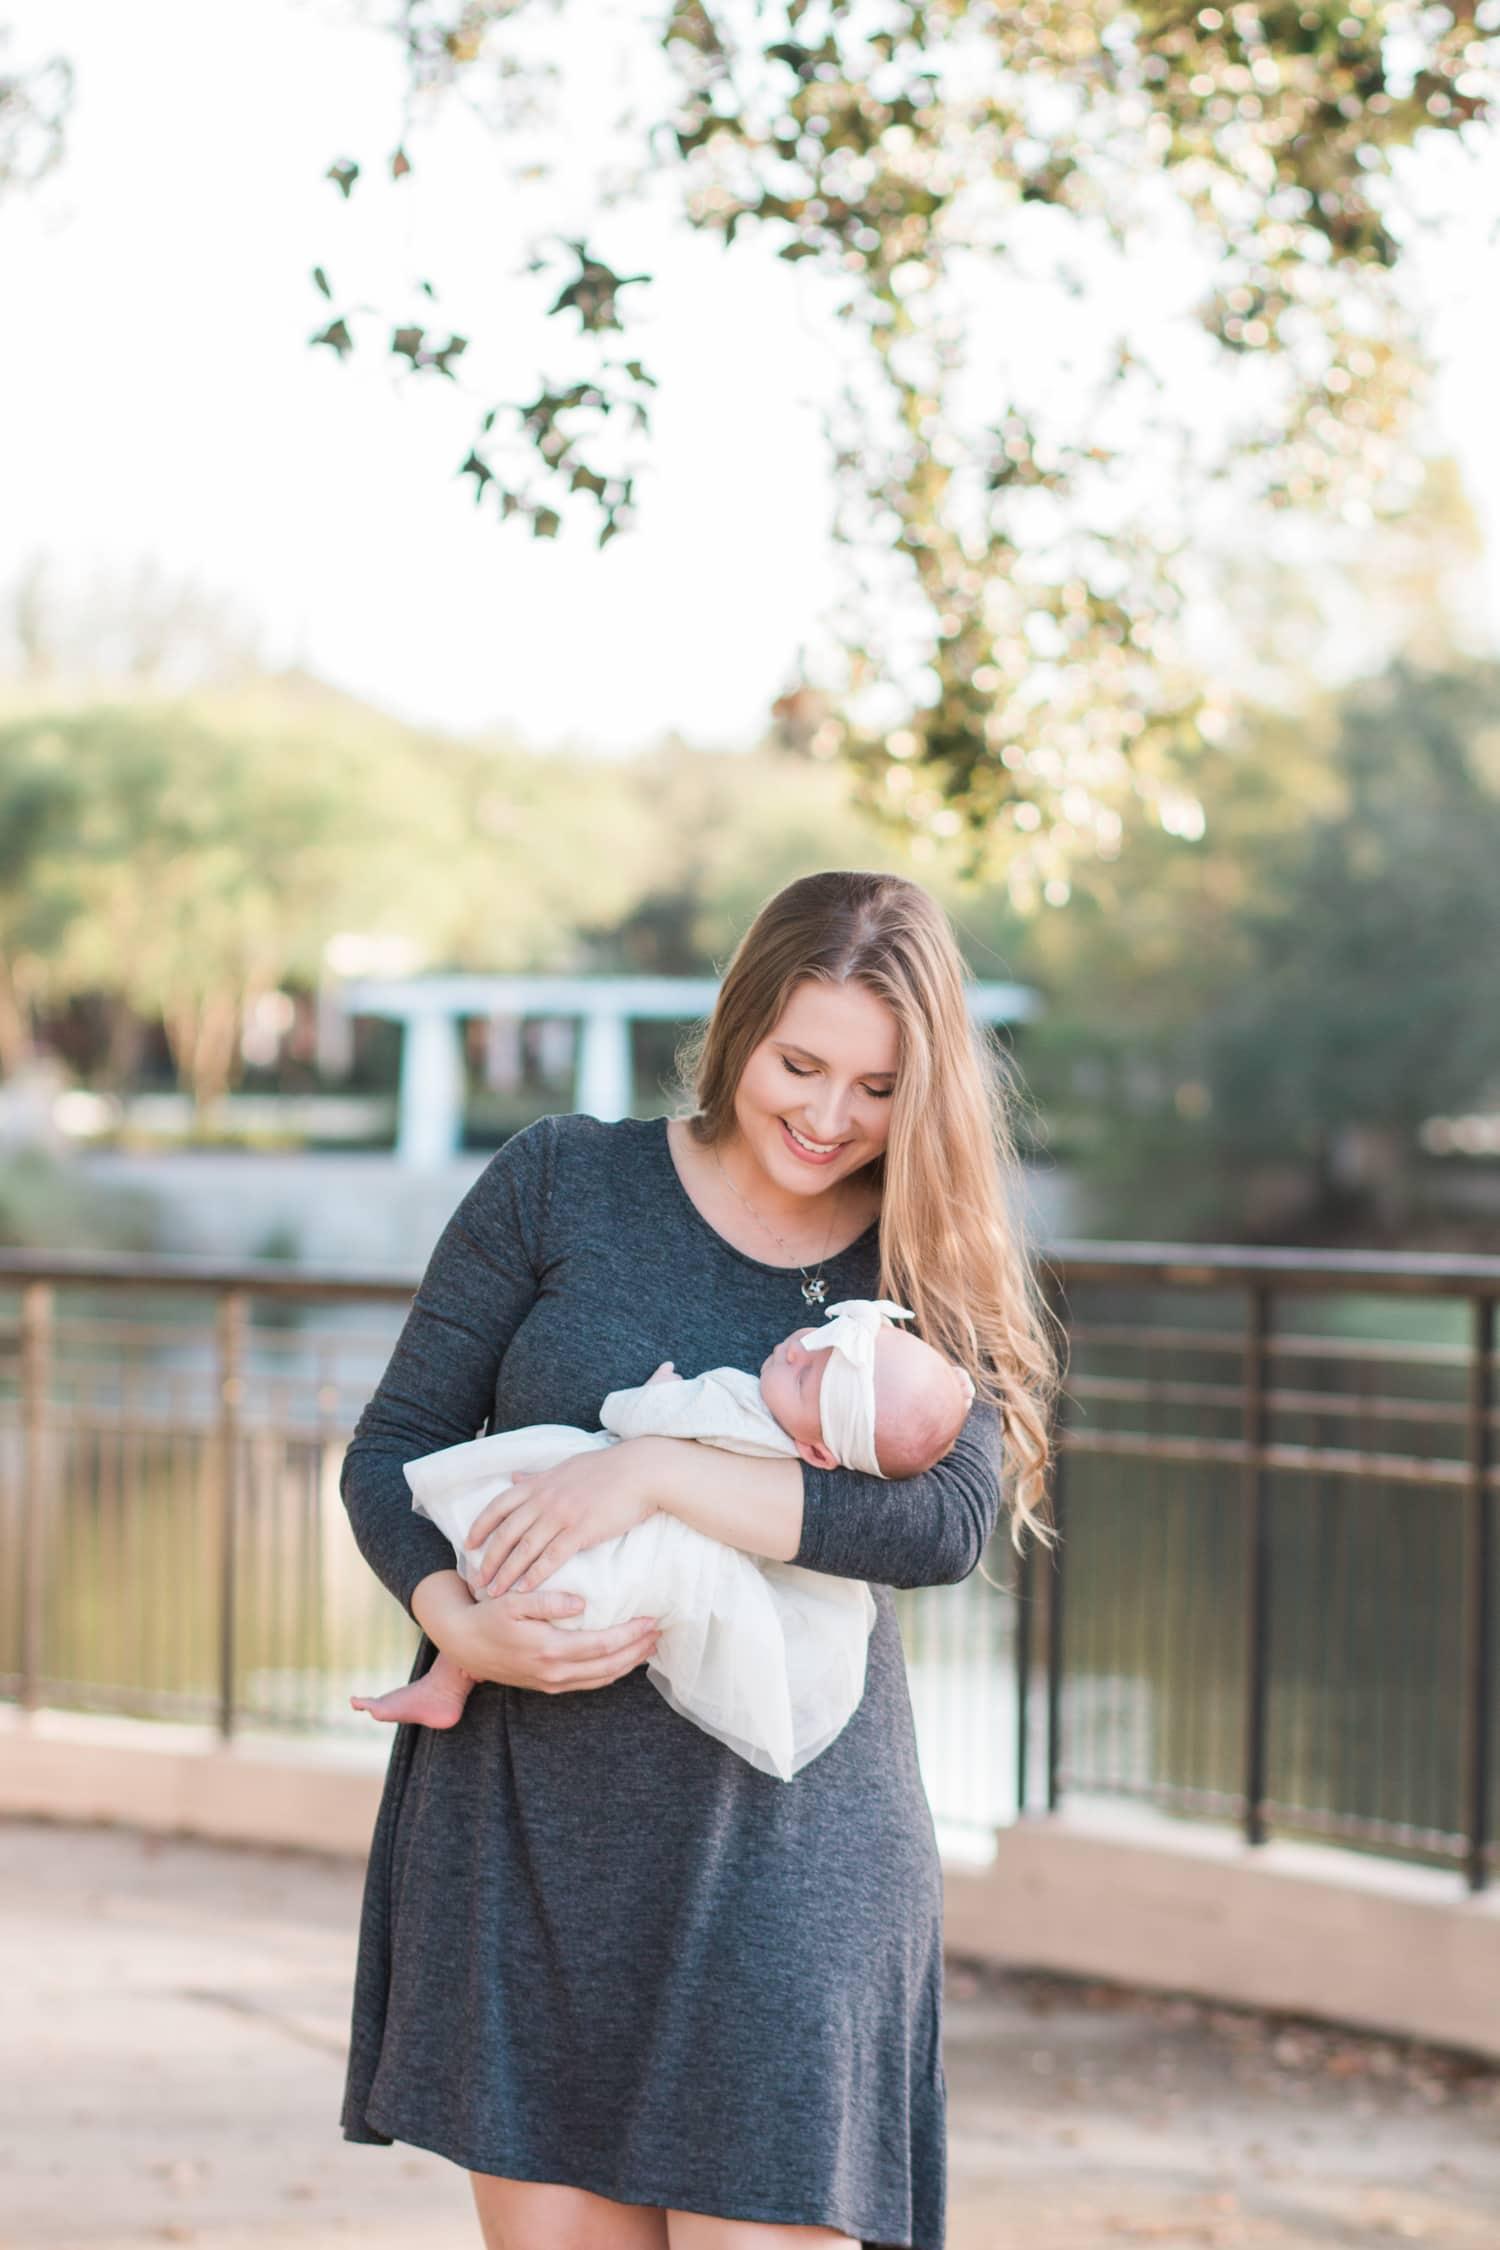 5 Things I Wish I Knew Before I Got Pregnant